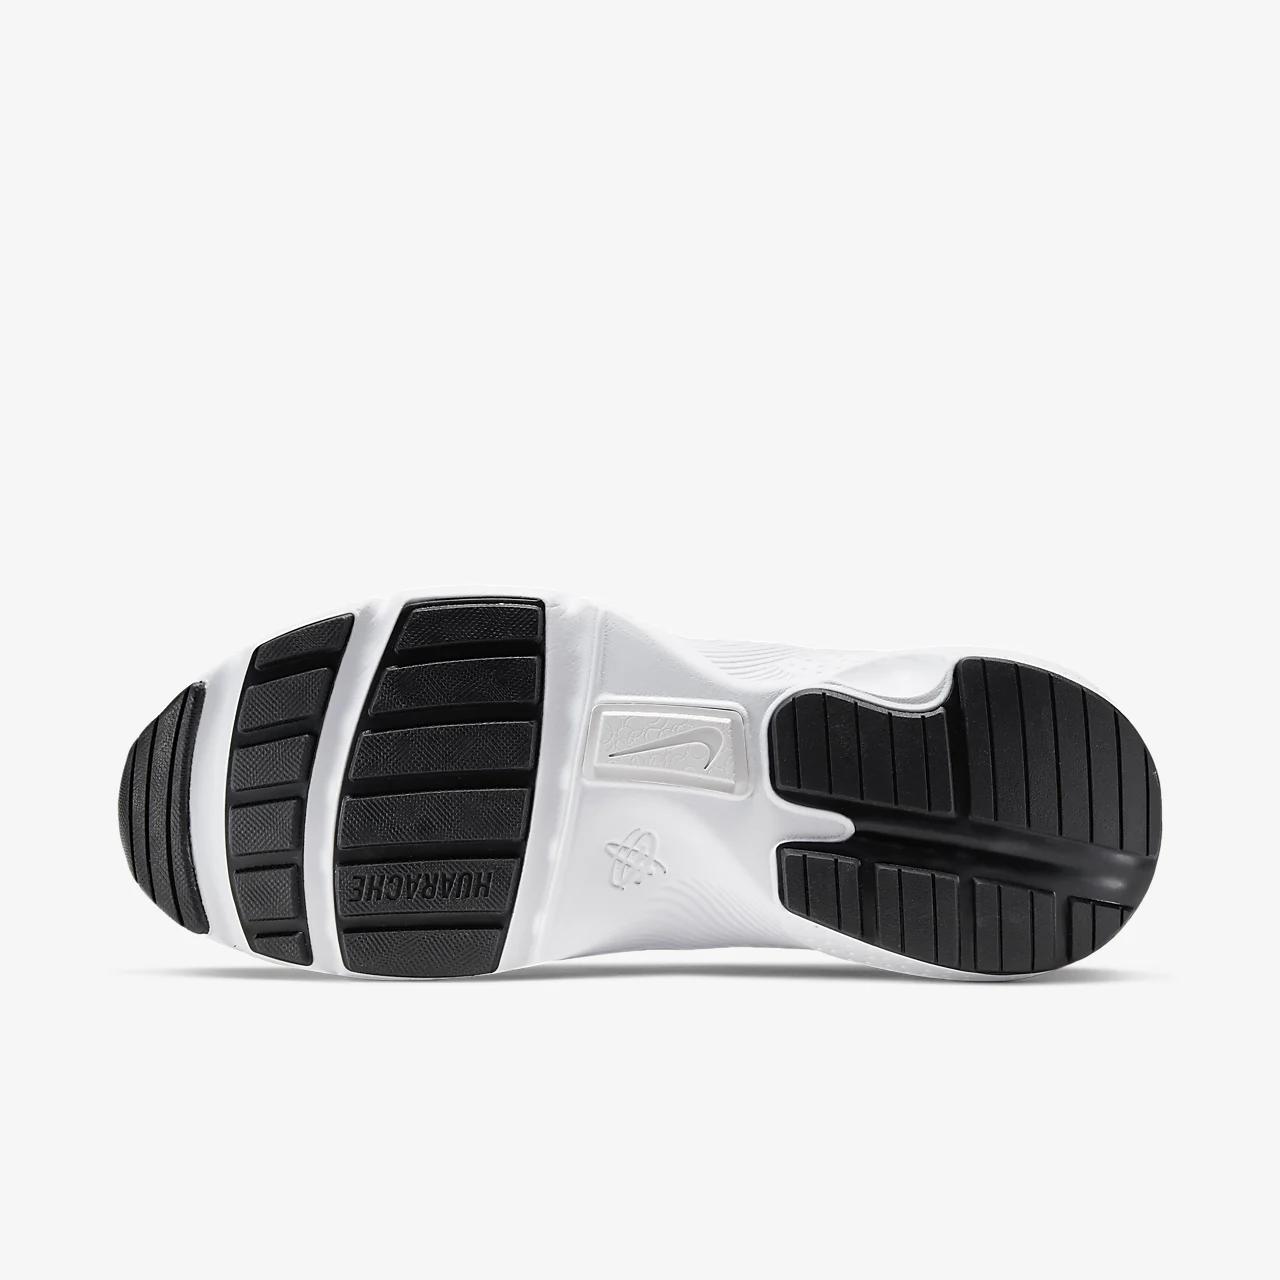 나이키 허라취 타입 남성 신발 BQ5102-301